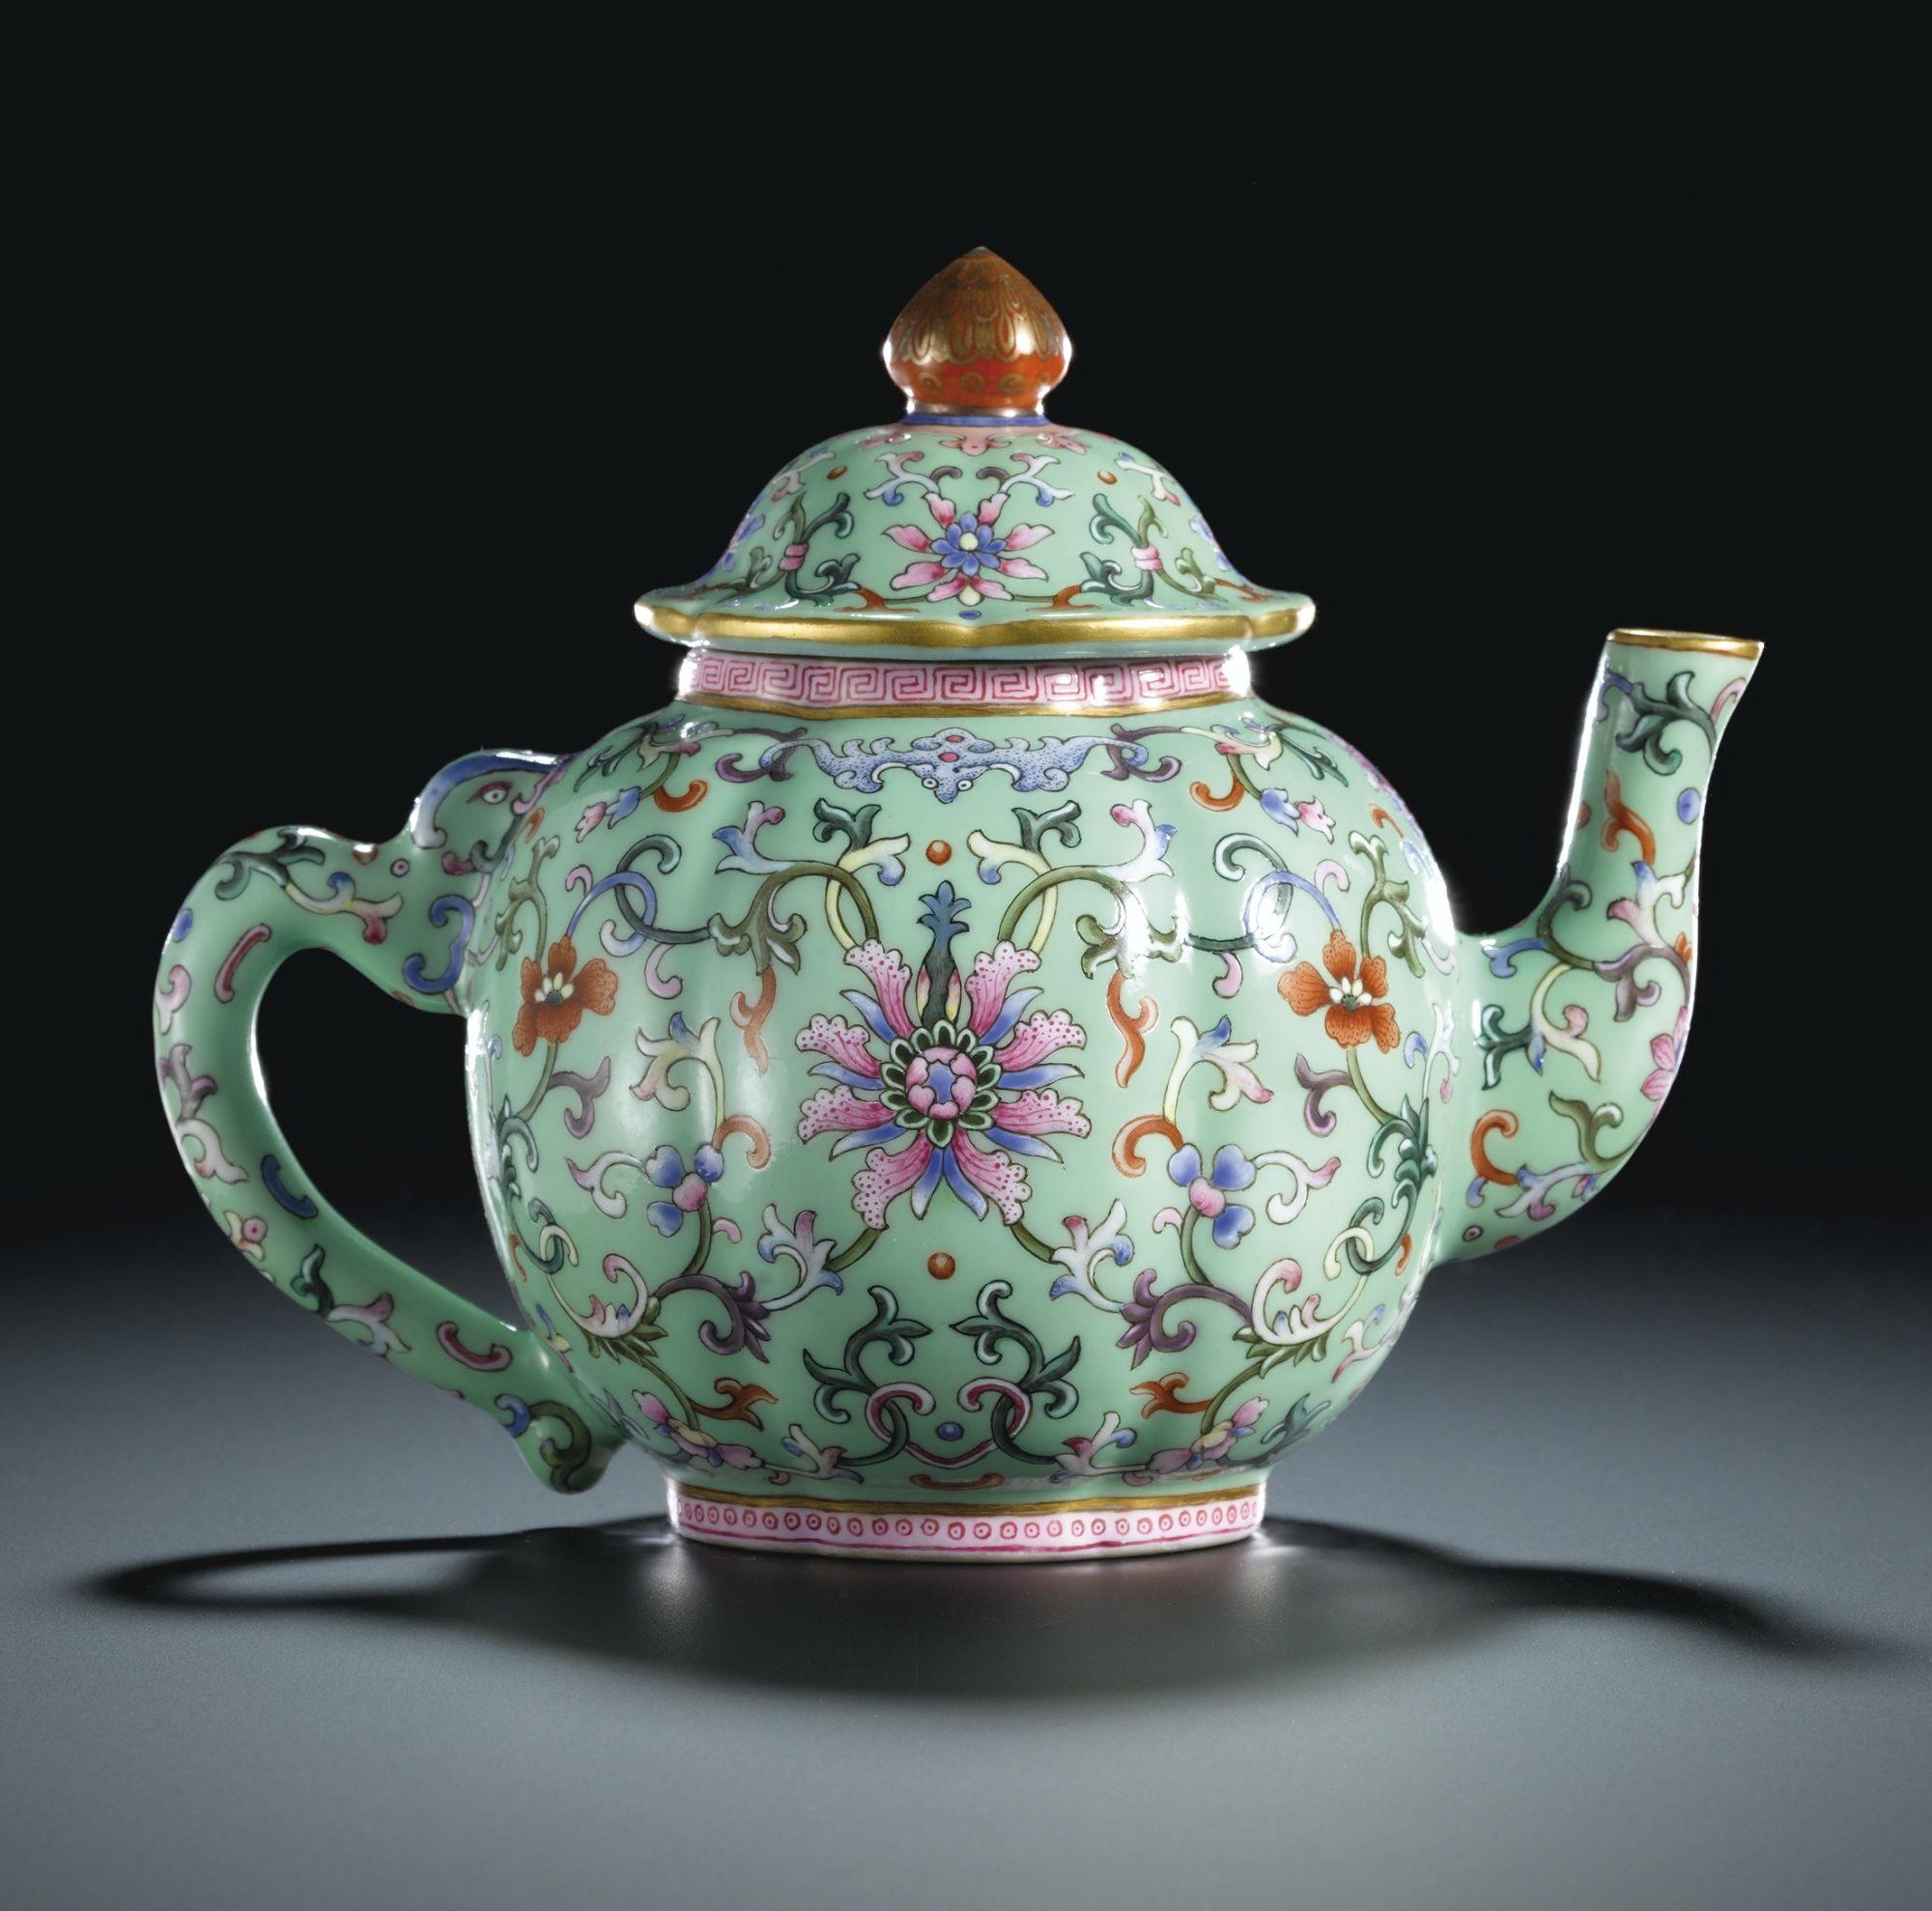 Pin By Joanne D Amico On Collections Tea Pots Tea Pots Rose Teapot Vintage Tea